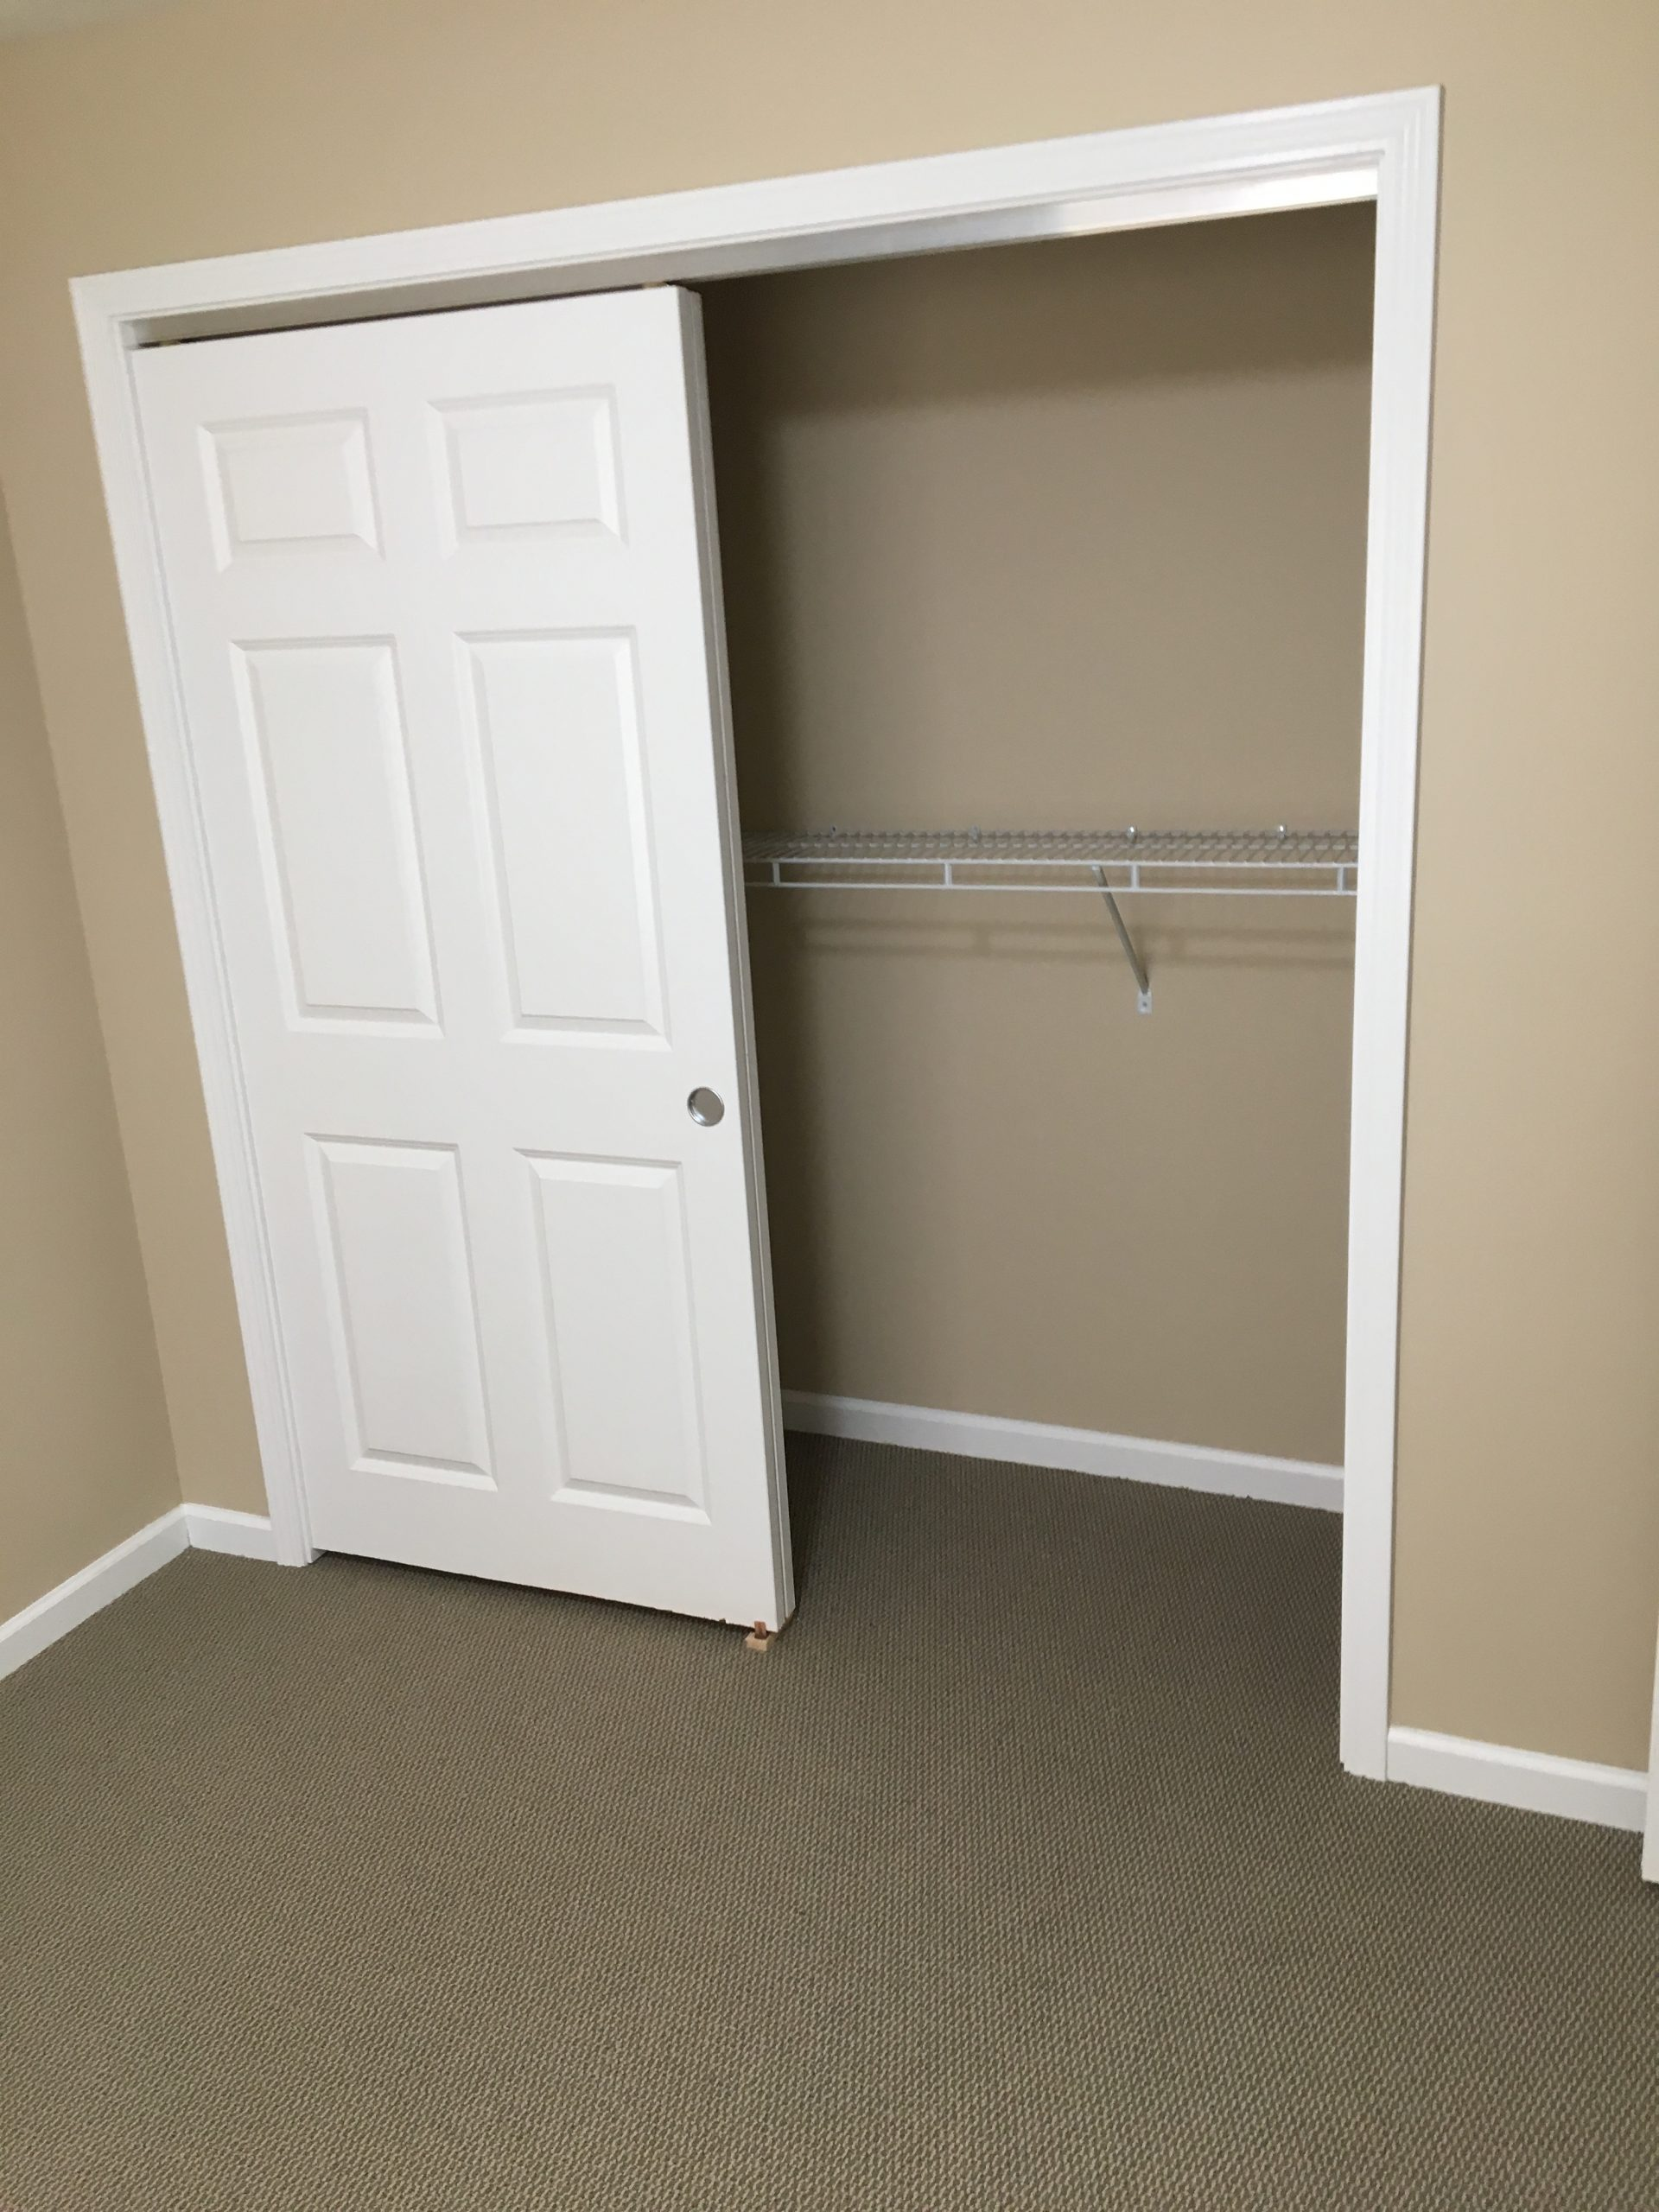 jefferson-estates-handicap-closet